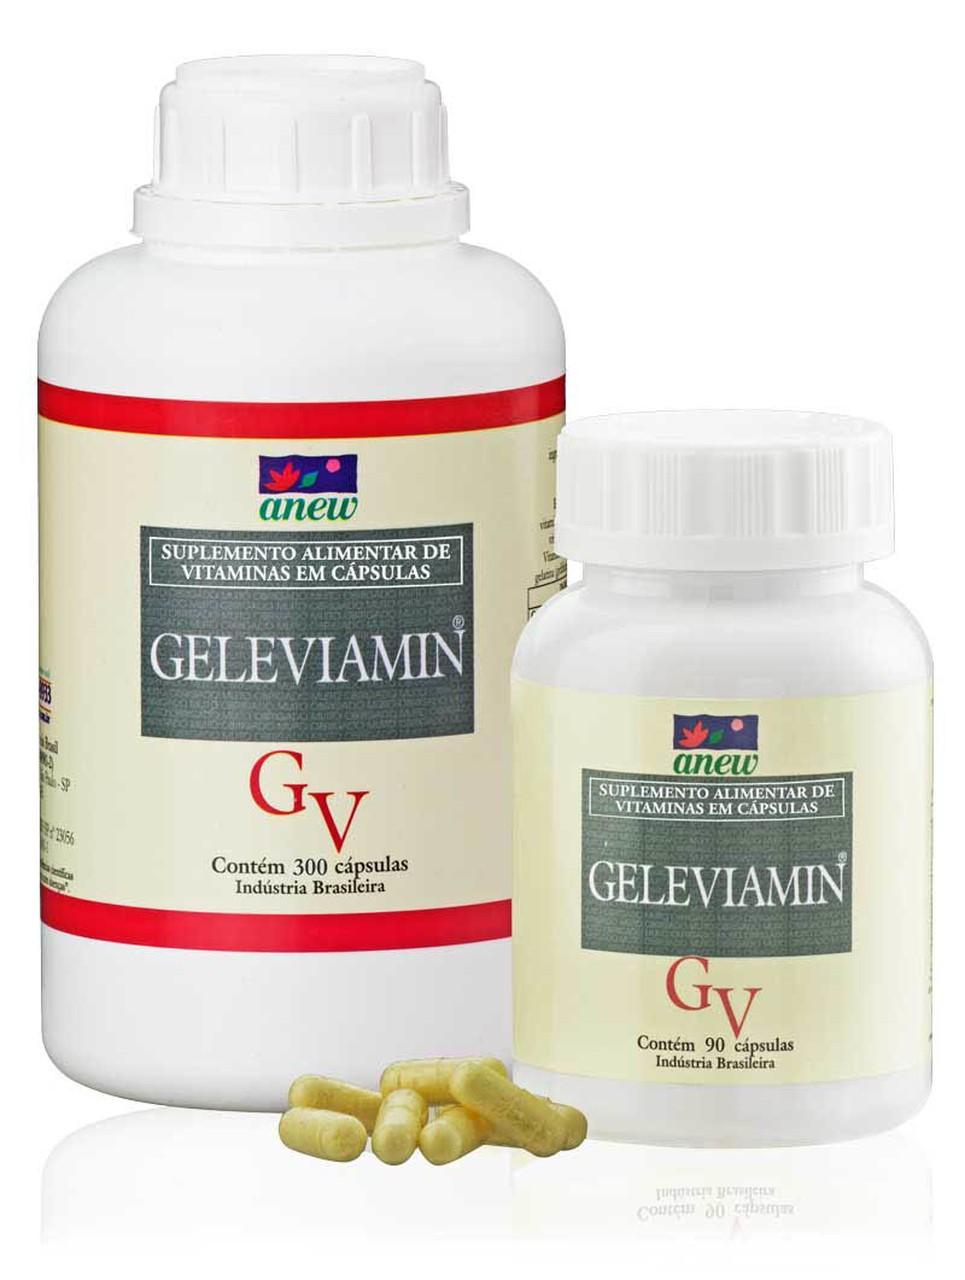 Geleviamin 90 Cps